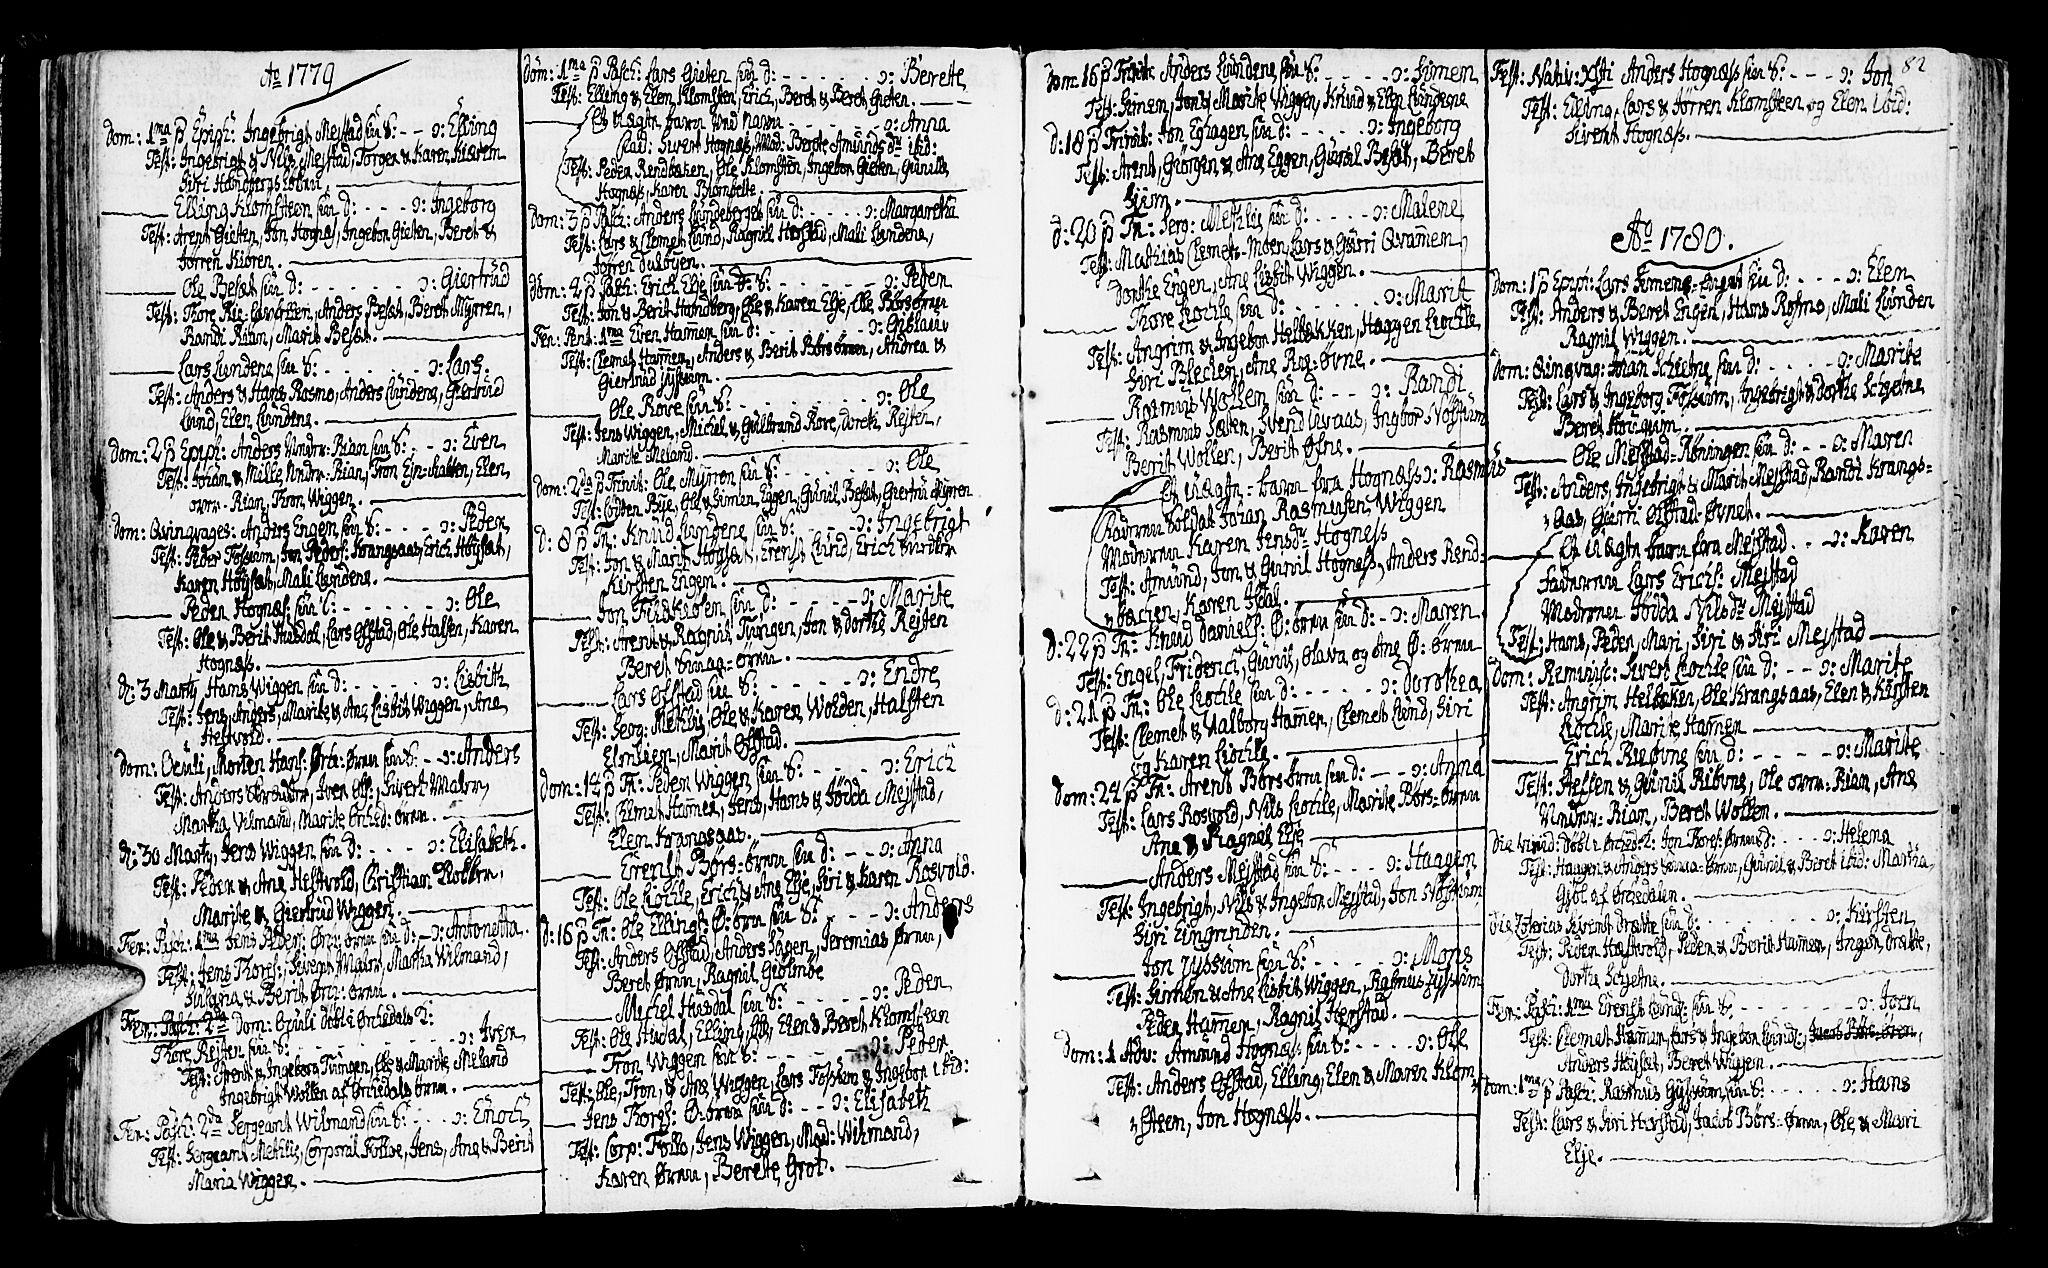 SAT, Ministerialprotokoller, klokkerbøker og fødselsregistre - Sør-Trøndelag, 665/L0768: Ministerialbok nr. 665A03, 1754-1803, s. 82